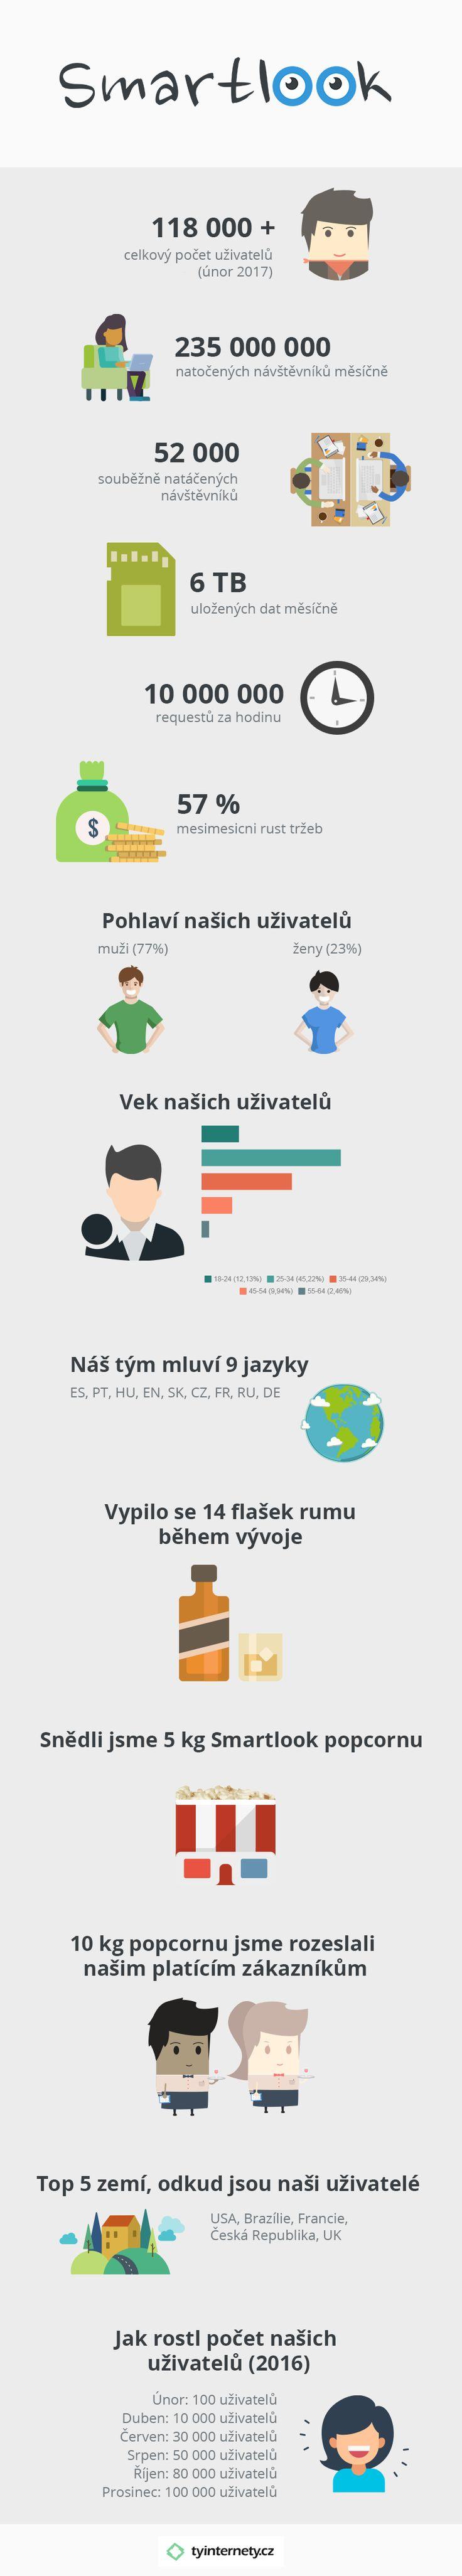 Jak začal český startup Smartlook? Mrkněte na přehlednou infografiku...